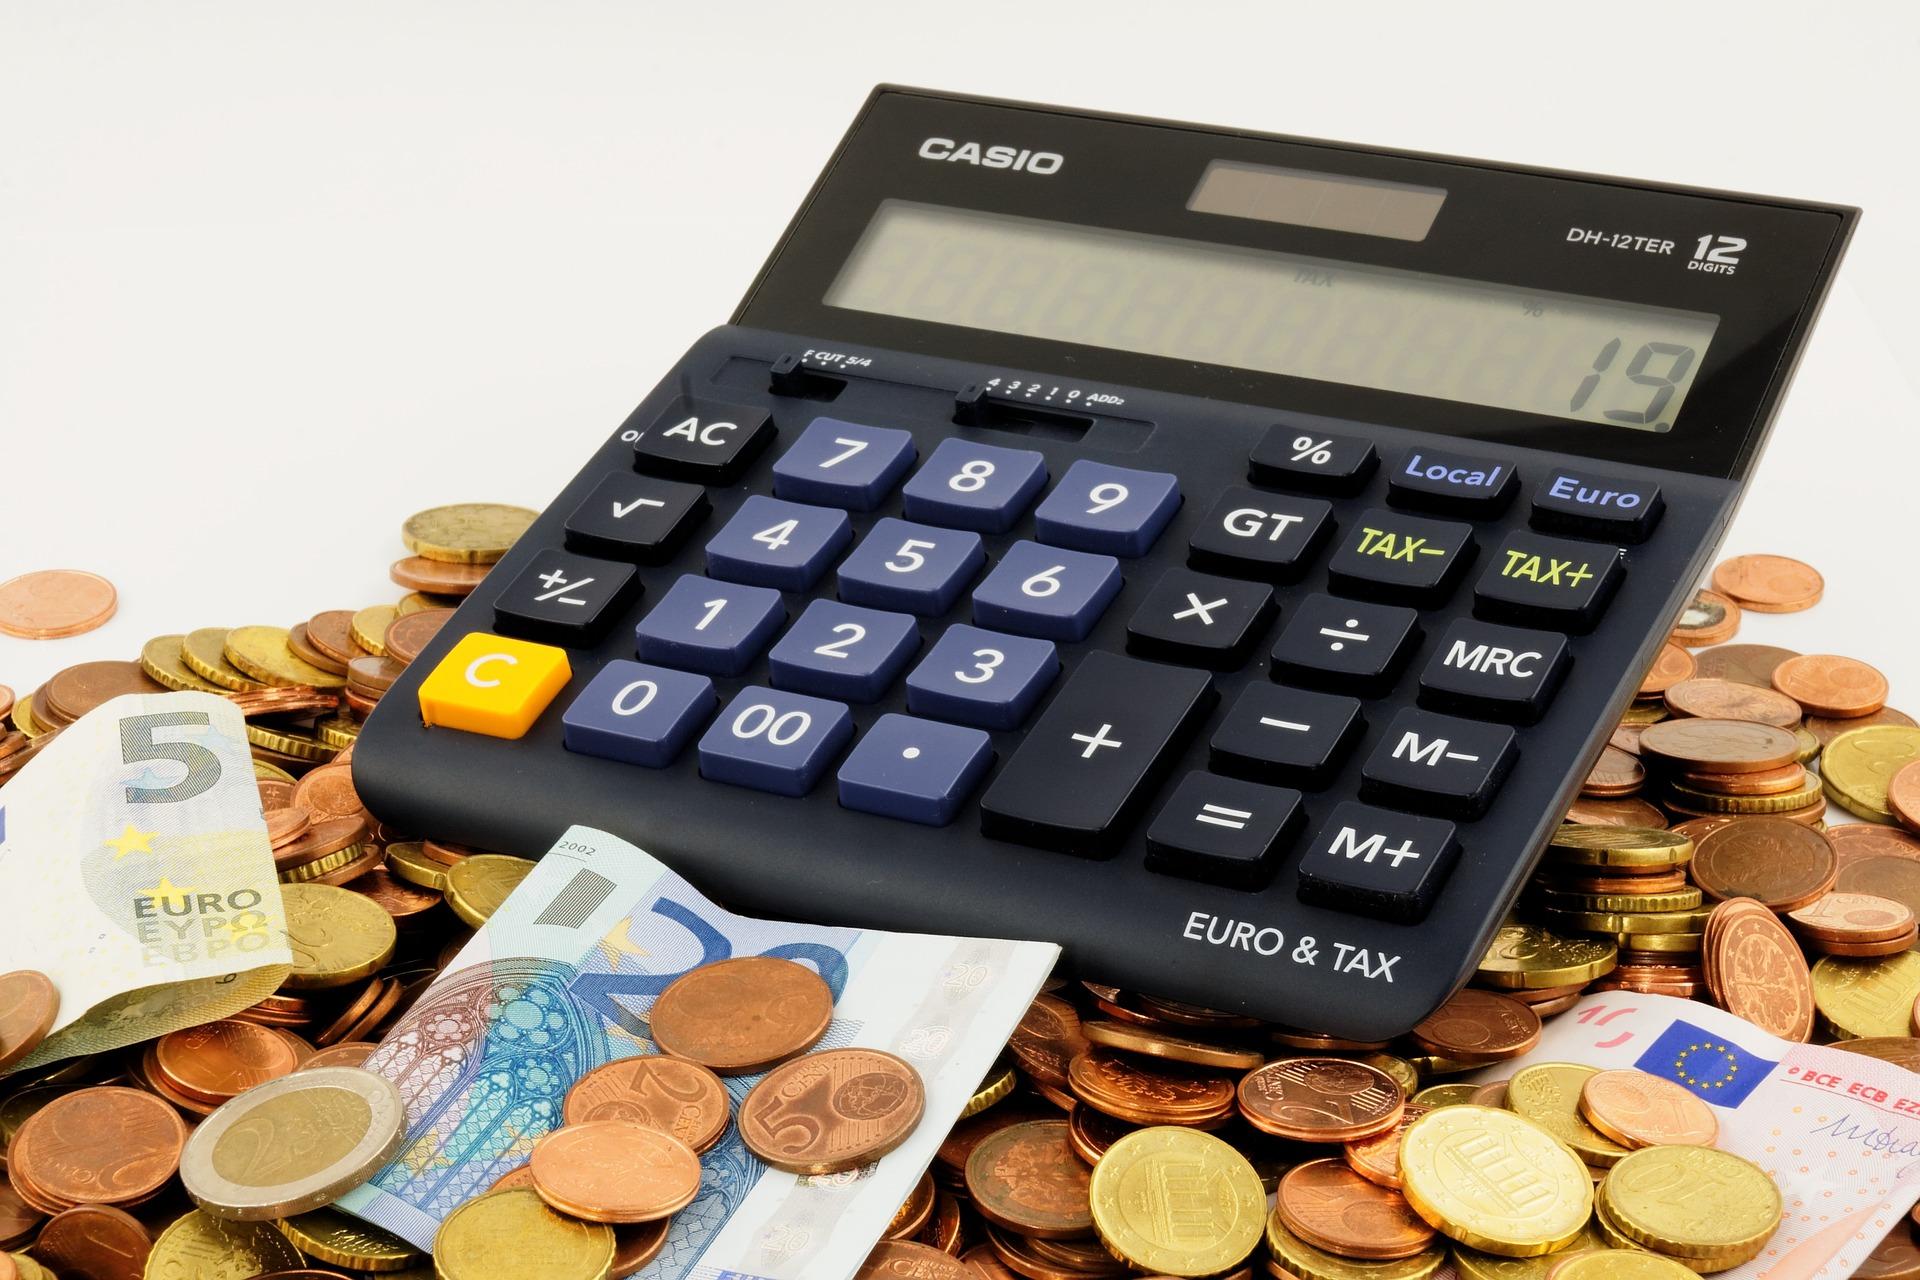 עושים סדר עם אבנר הייזלר: כל מה שחשוב לדעת על החזרי מס לעצמאיים